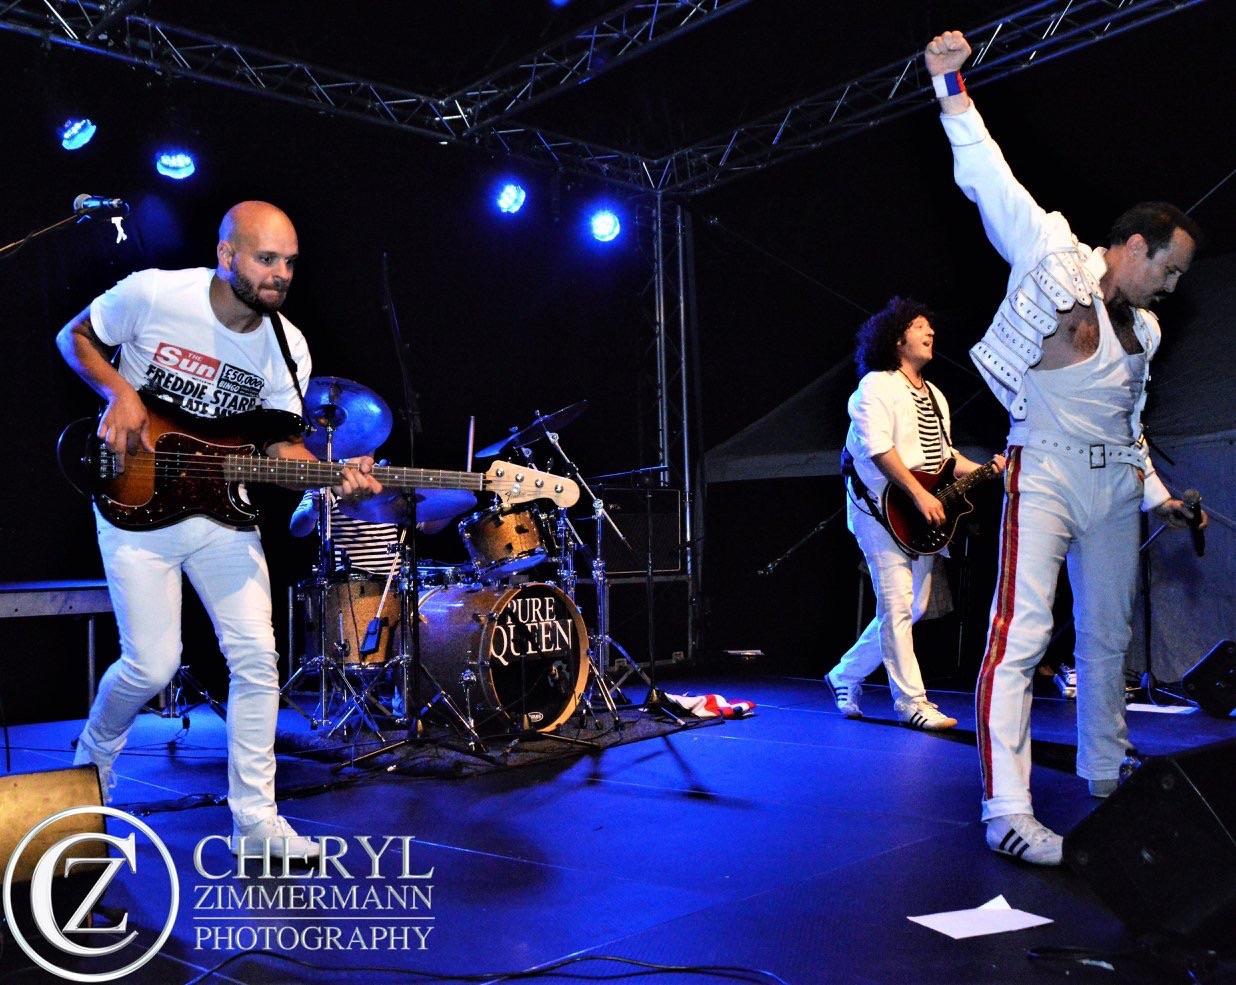 Queen Live - Pure Queen